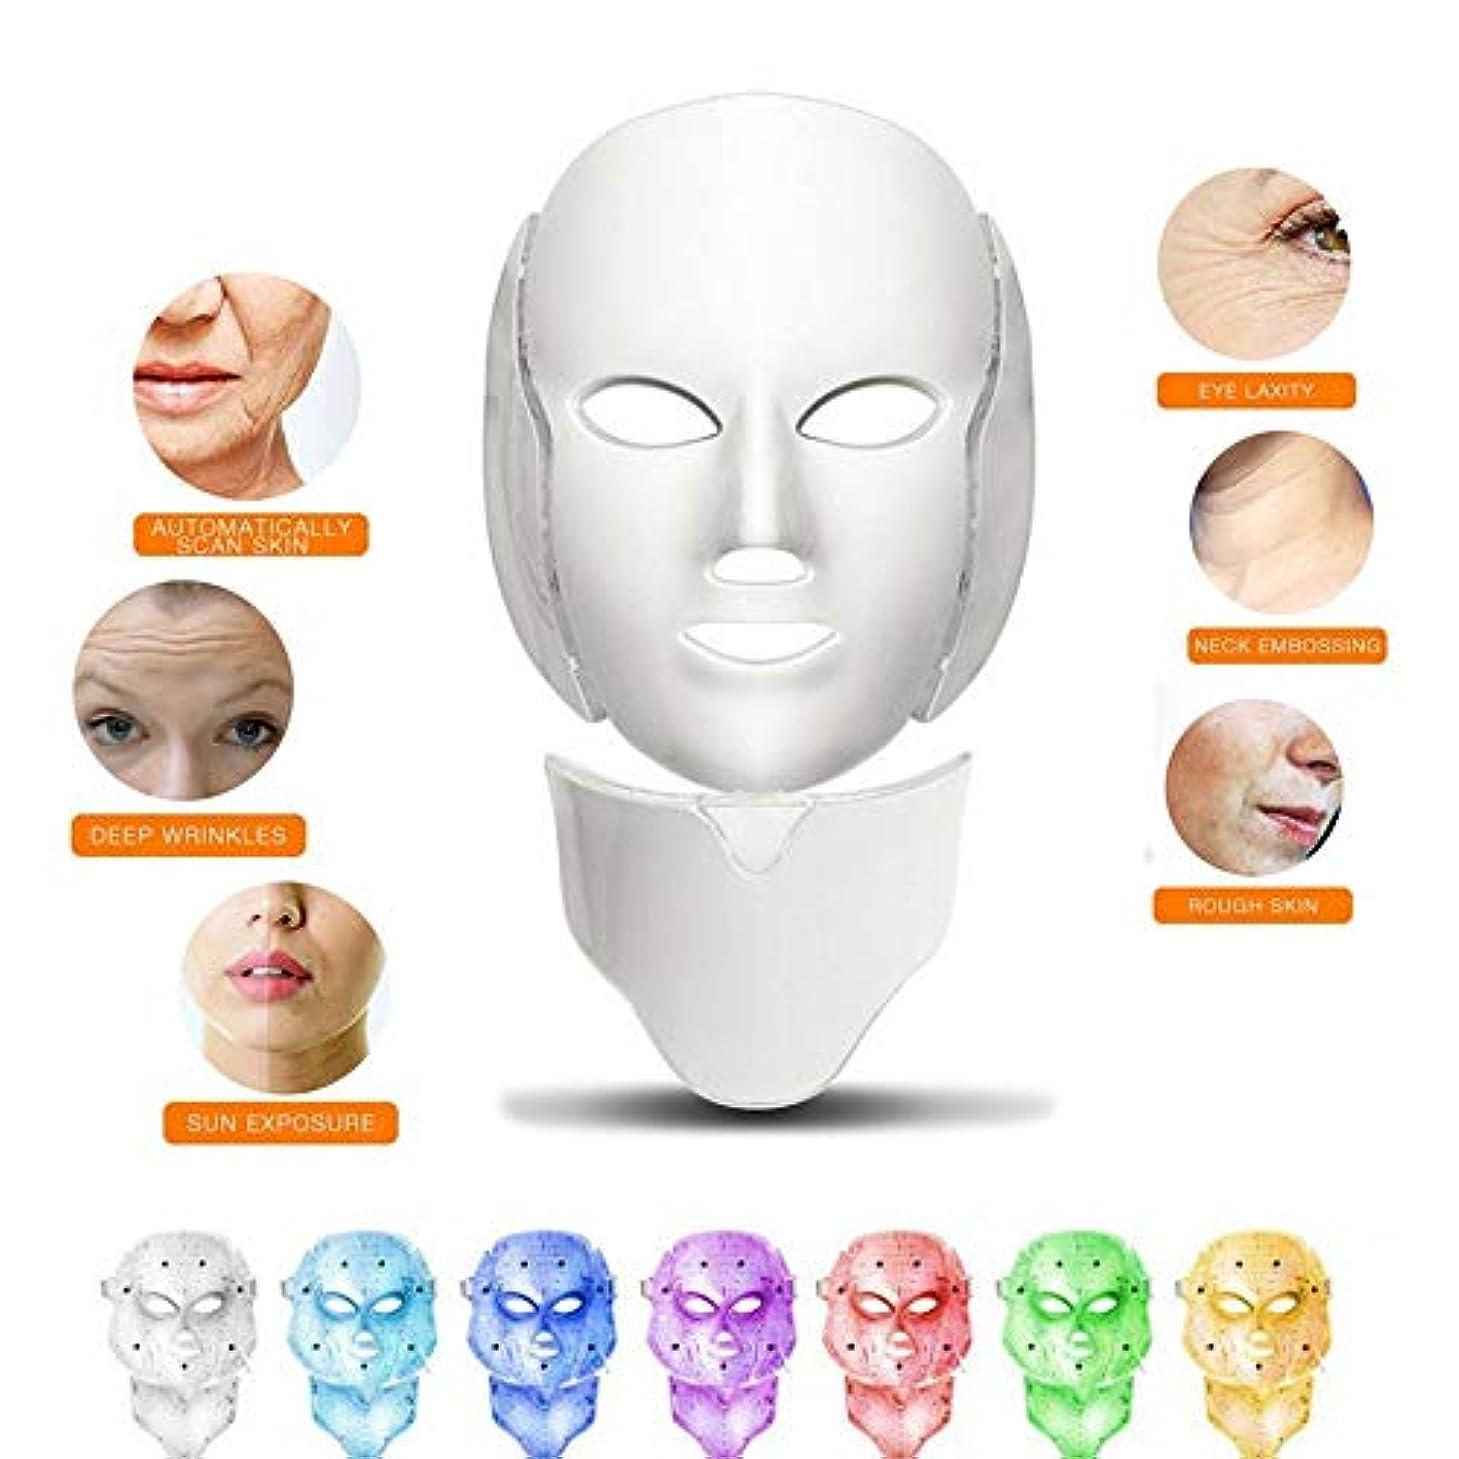 判読できない連合不規則性赤色光光子療法機7色ledフェイスマスク+首、肌の若返りしわにきび除去フェイシャルスパ美容機器、ホワイト